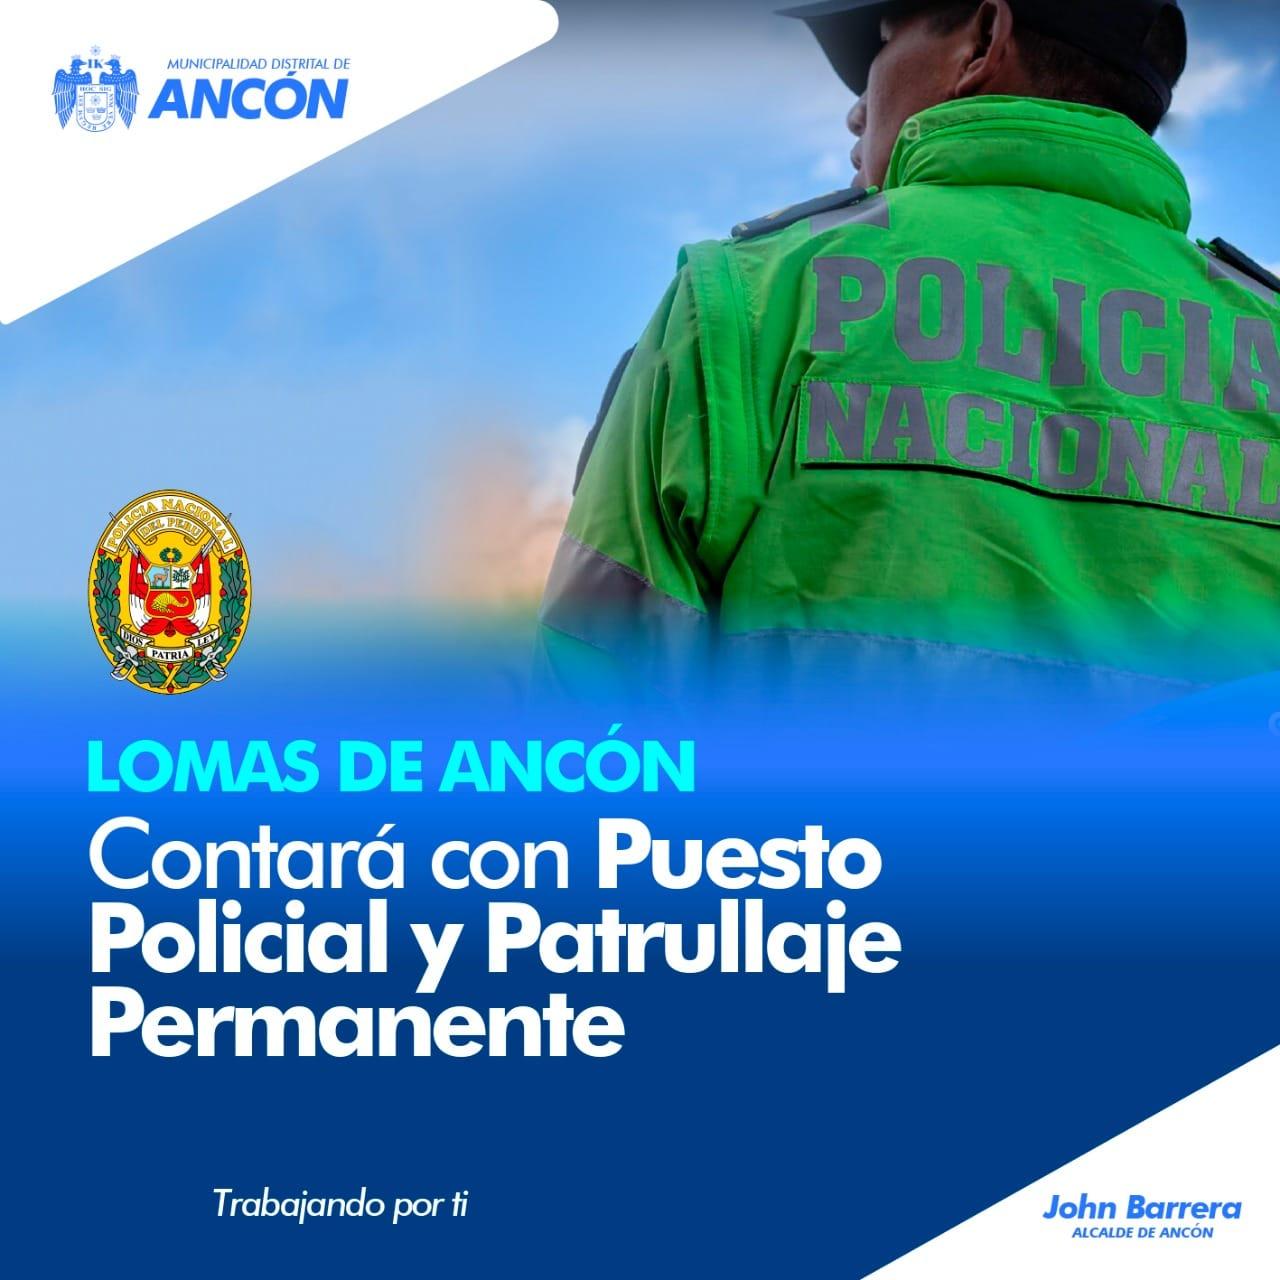 ¡BUENAS NOTICIAS! LOMAS DE ANCÓN CONTARÁ CON PUESTO POLICIAL Y UNIDADES MÓVILES QUE PATRULLARÁN CONSTANTEMENTE